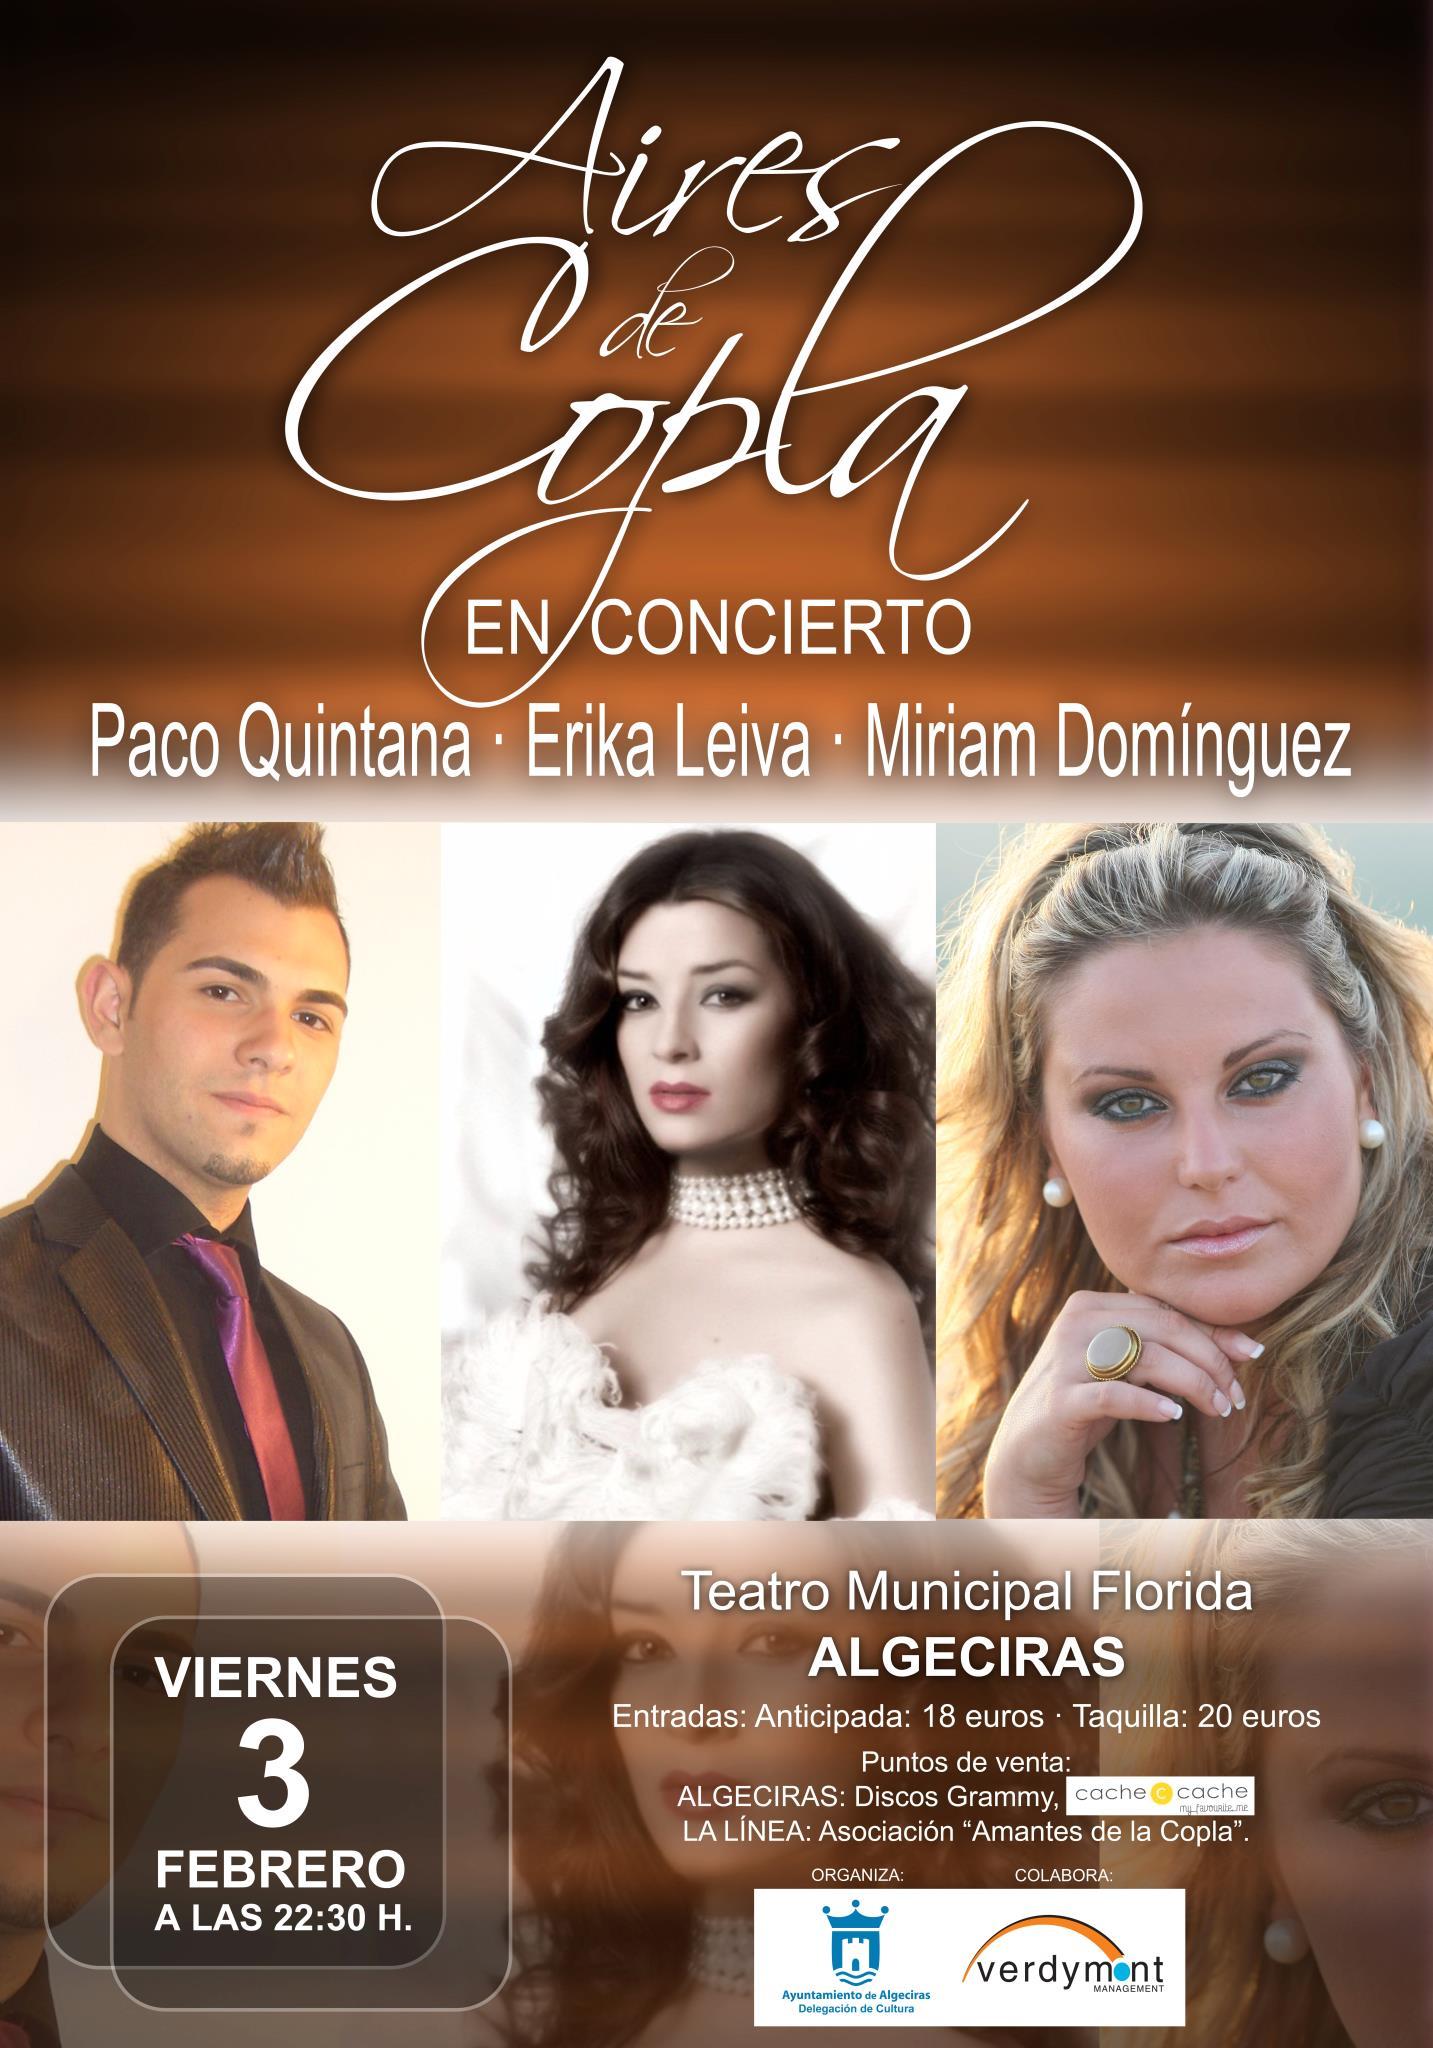 Agenda De Conciertos (16/01/2012)